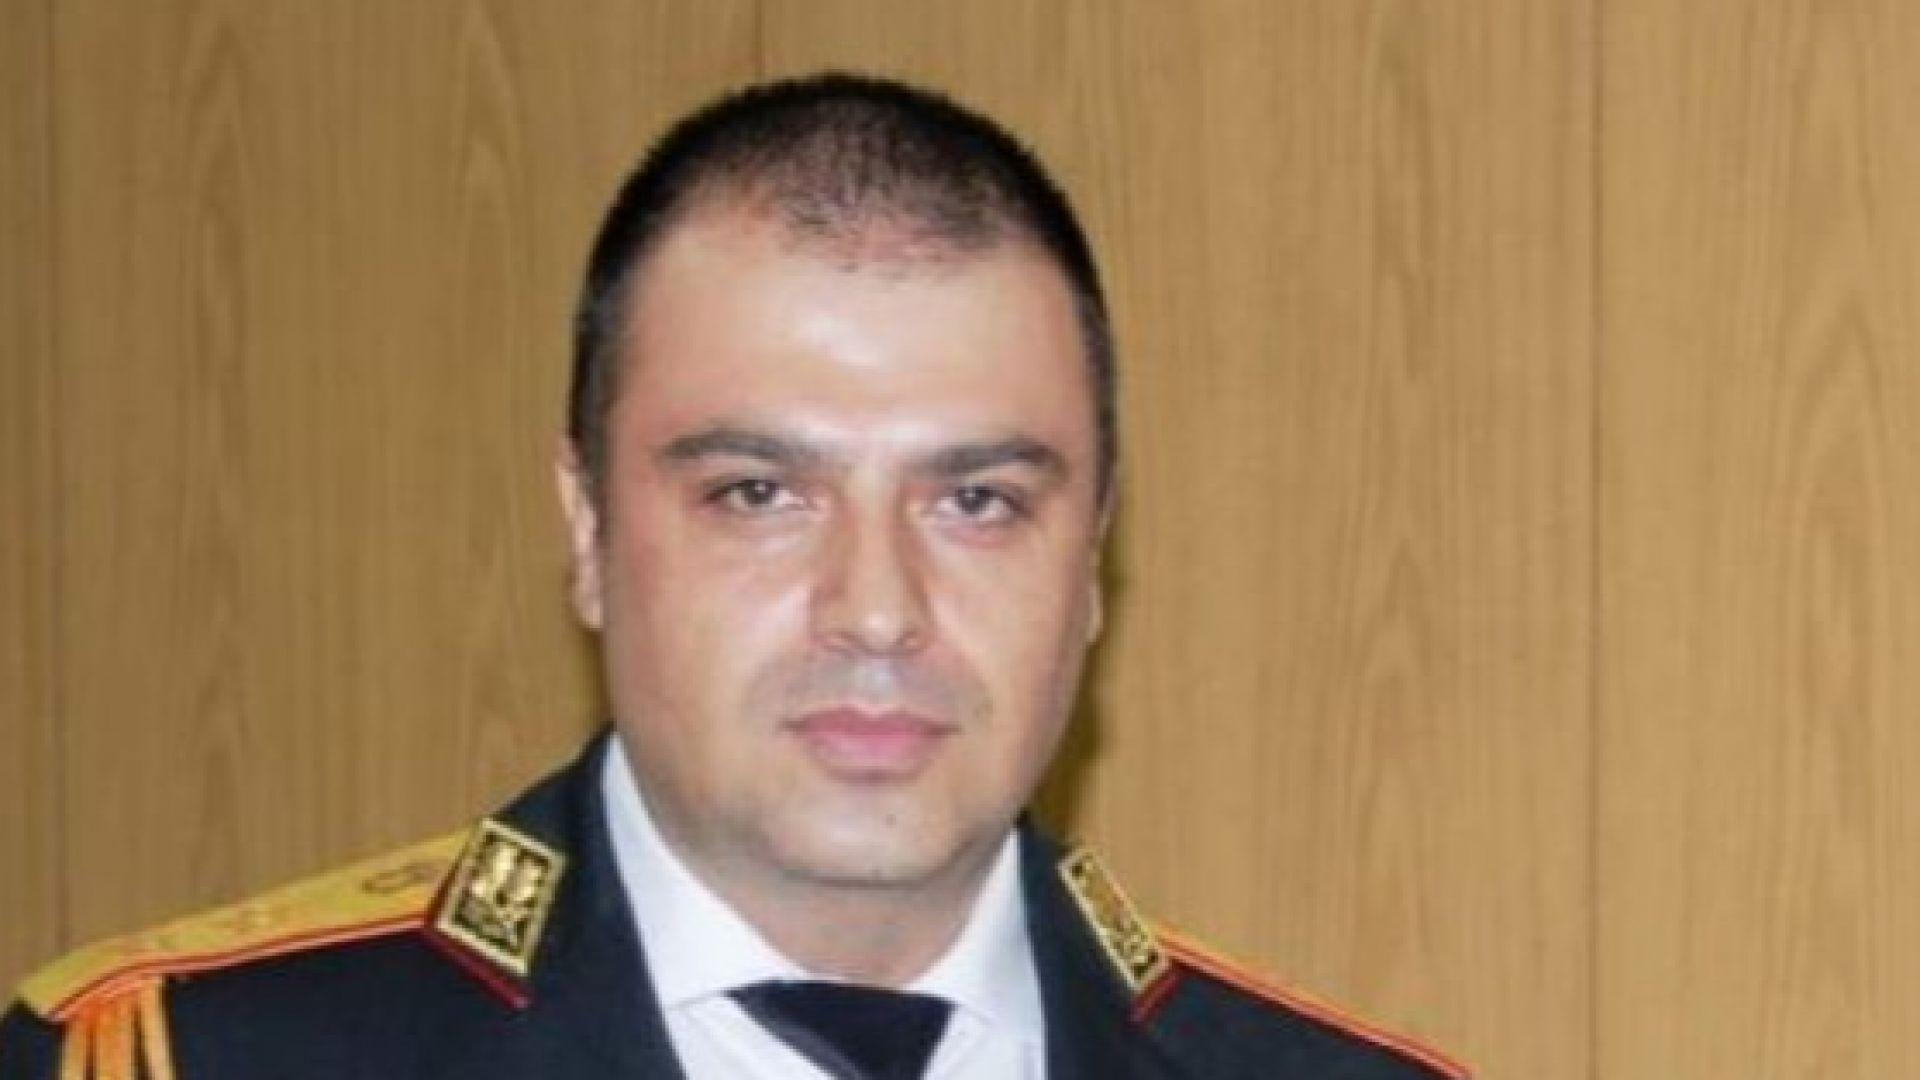 Директорът на полицията в Пловдив Йордан Рогачев и съпругата му